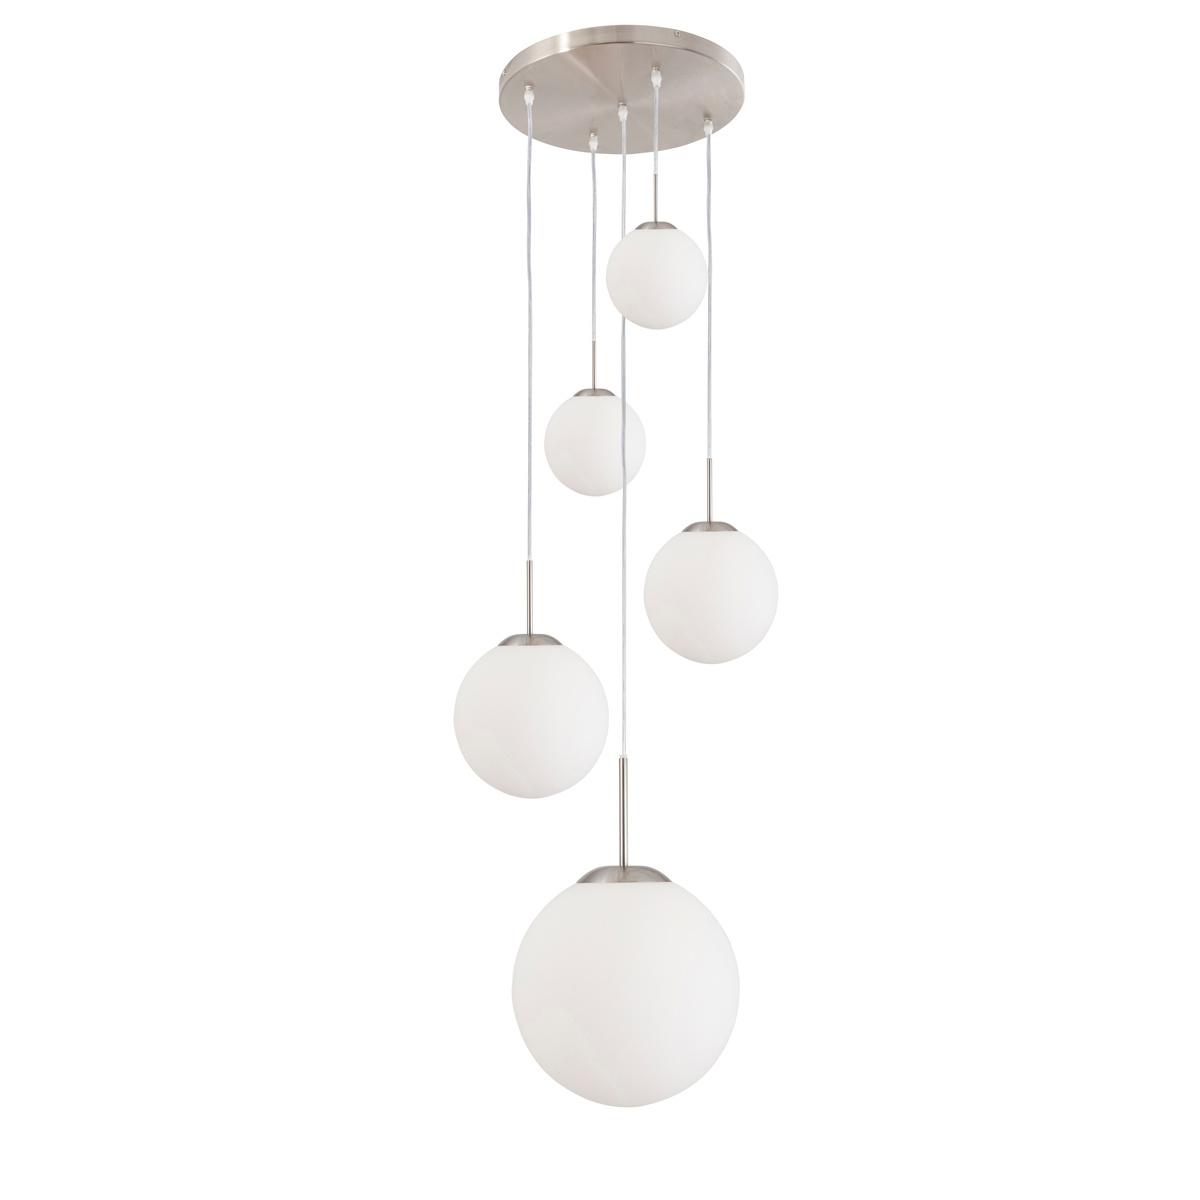 Steinhauer Hanglamp bollique Ø 60 cm 7376 staal